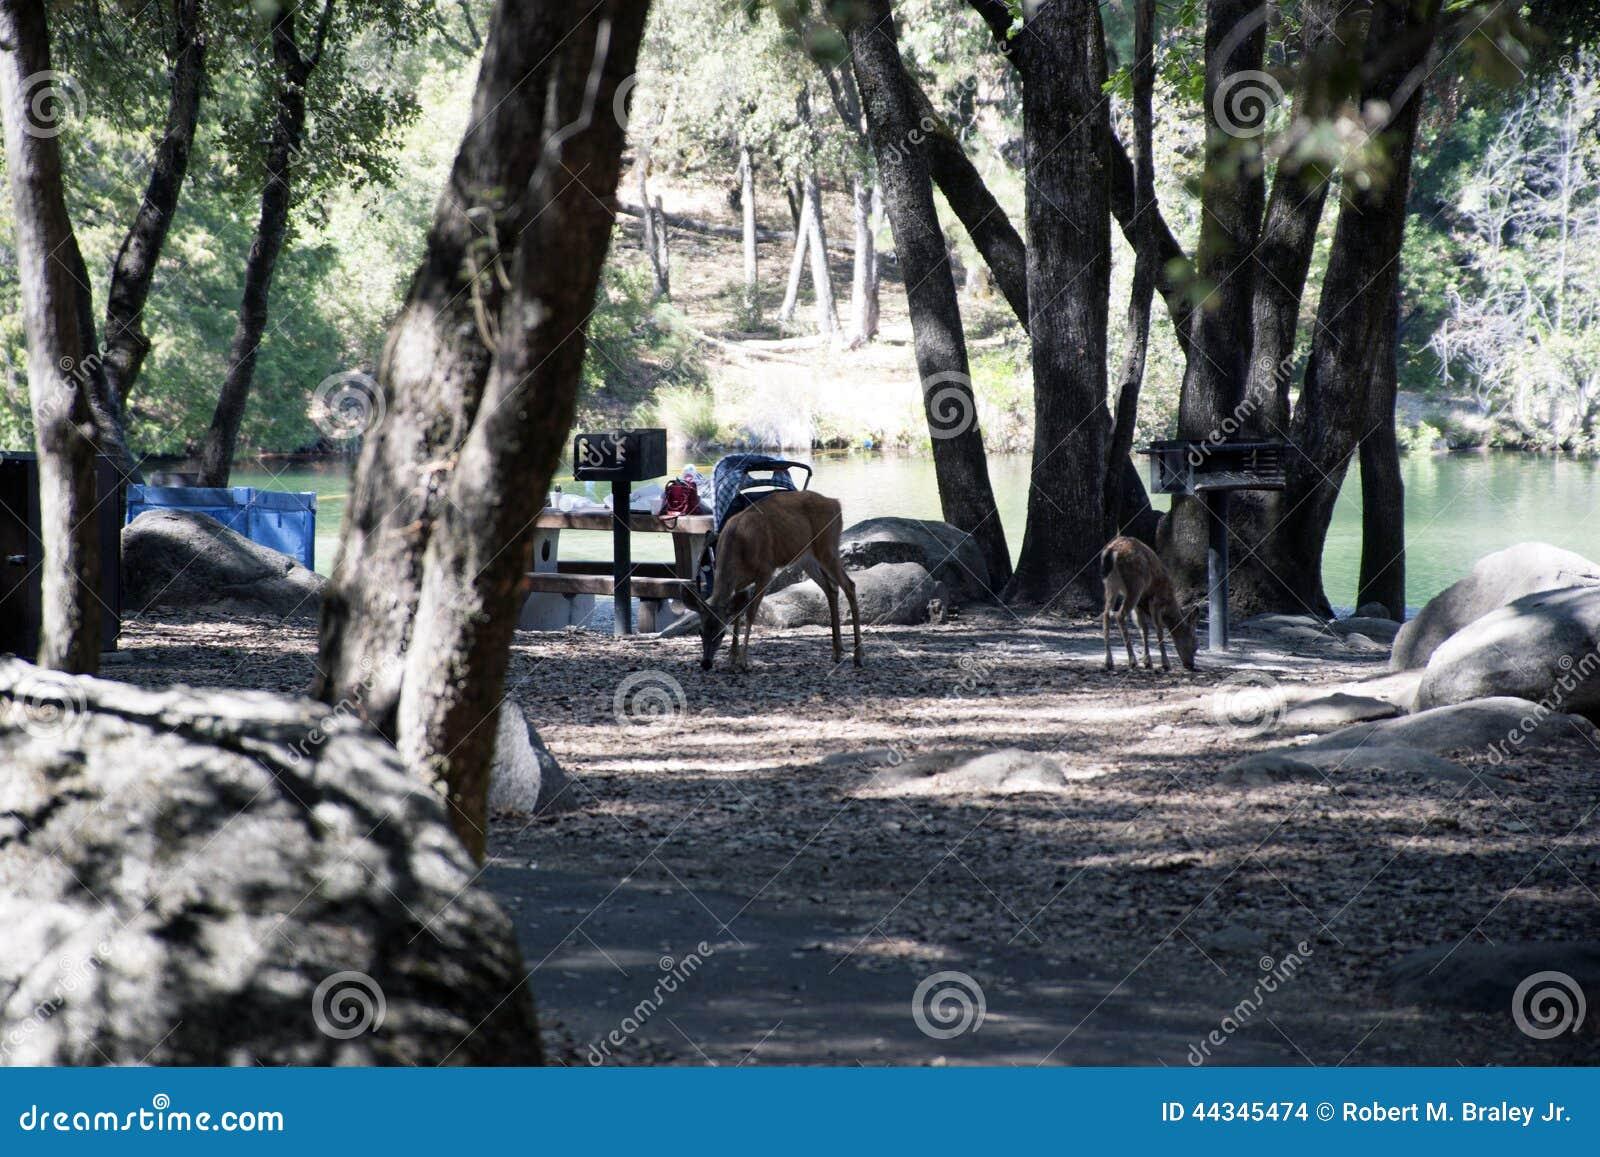 Picnic Deer